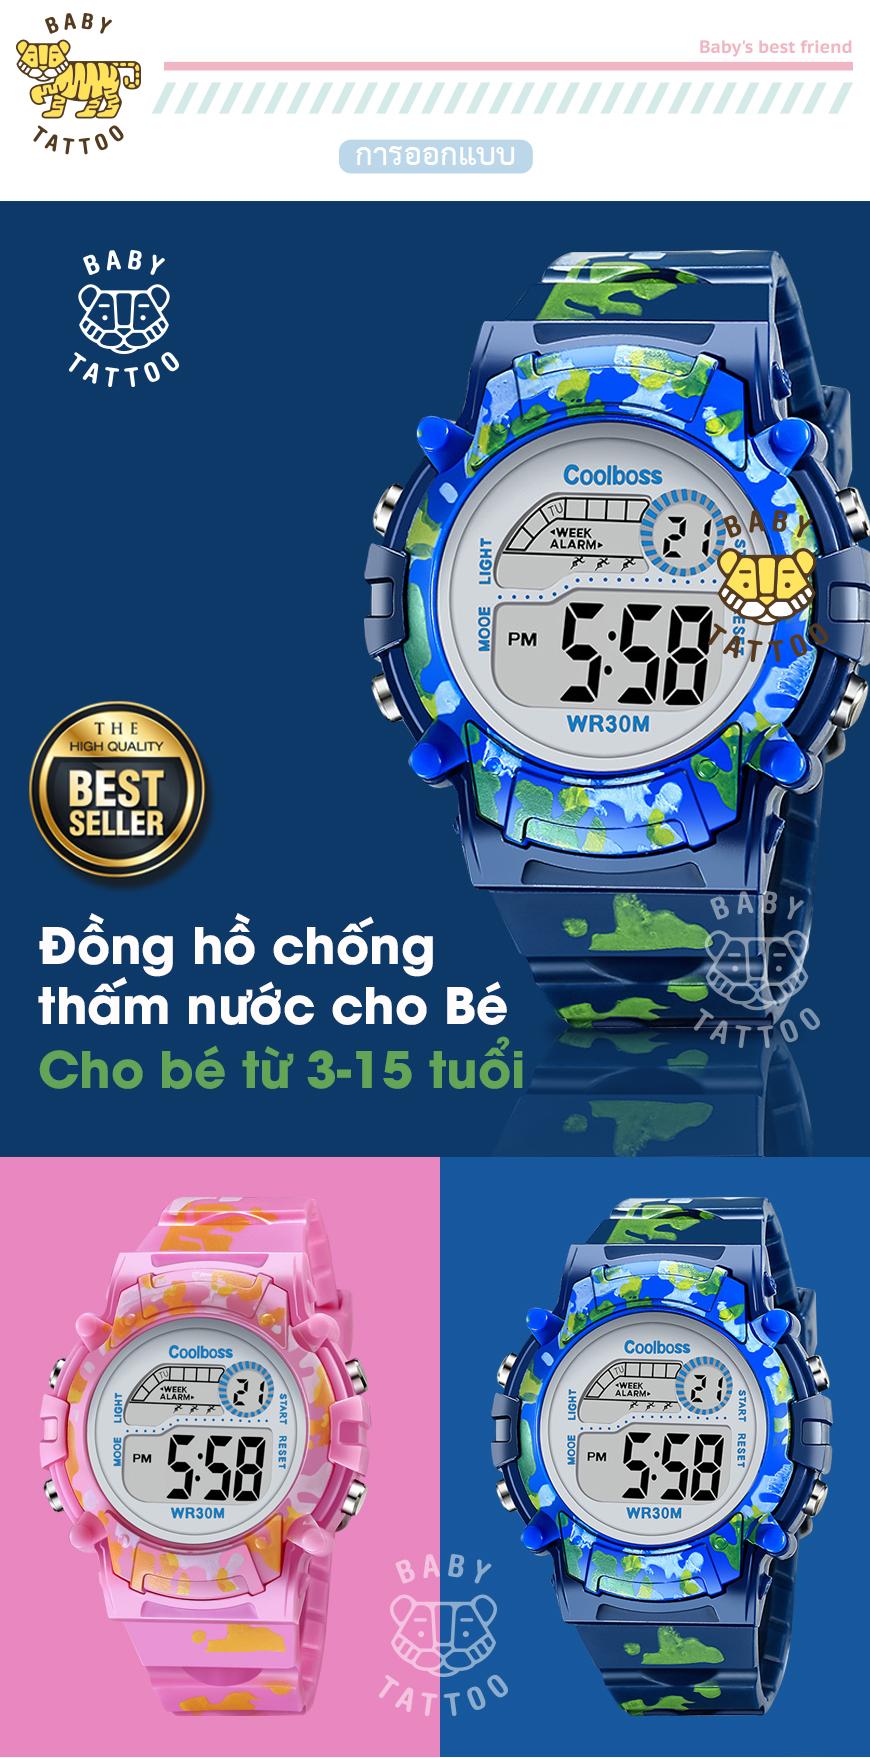 [MIỄN PHÍ GIAO HÀNG] Đồng hồ trẻ em đa chức năng kết hợp hiệu ứng đèn Led chính hãng Coobos, chống trầy xước, chống nước tốt, bảo hành 2 năm 9